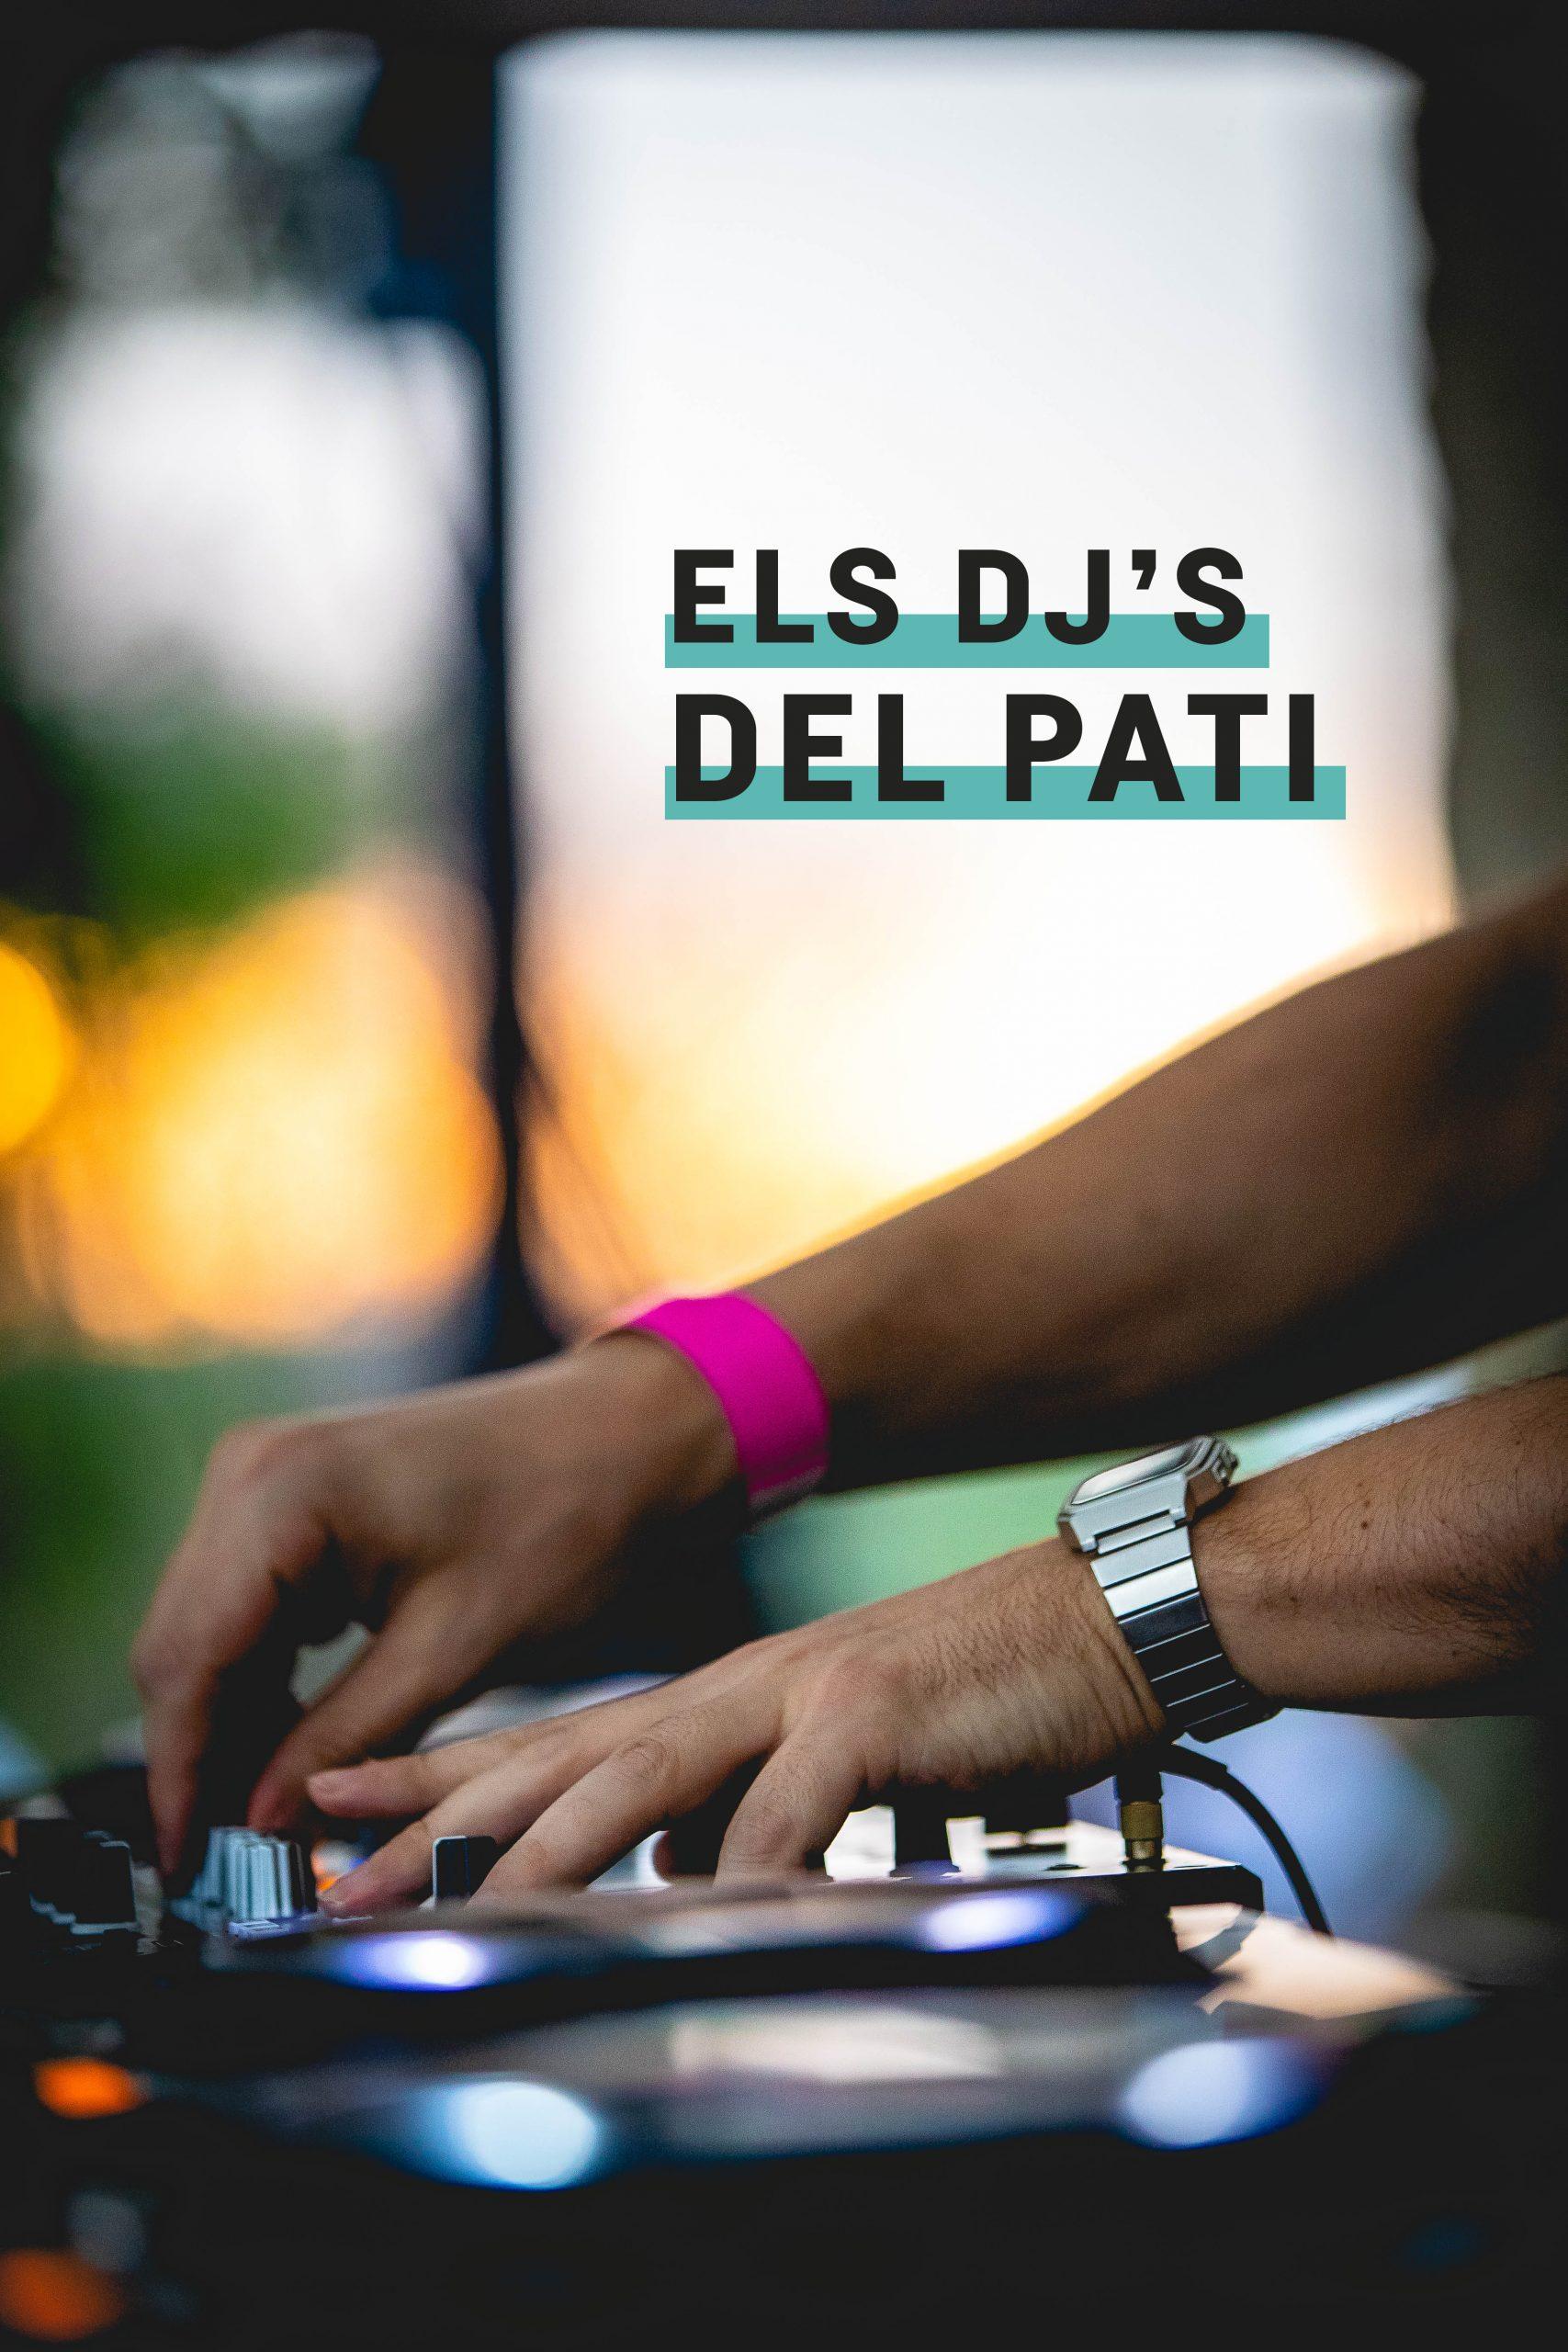 Artistes del Pati (músics i dj's)